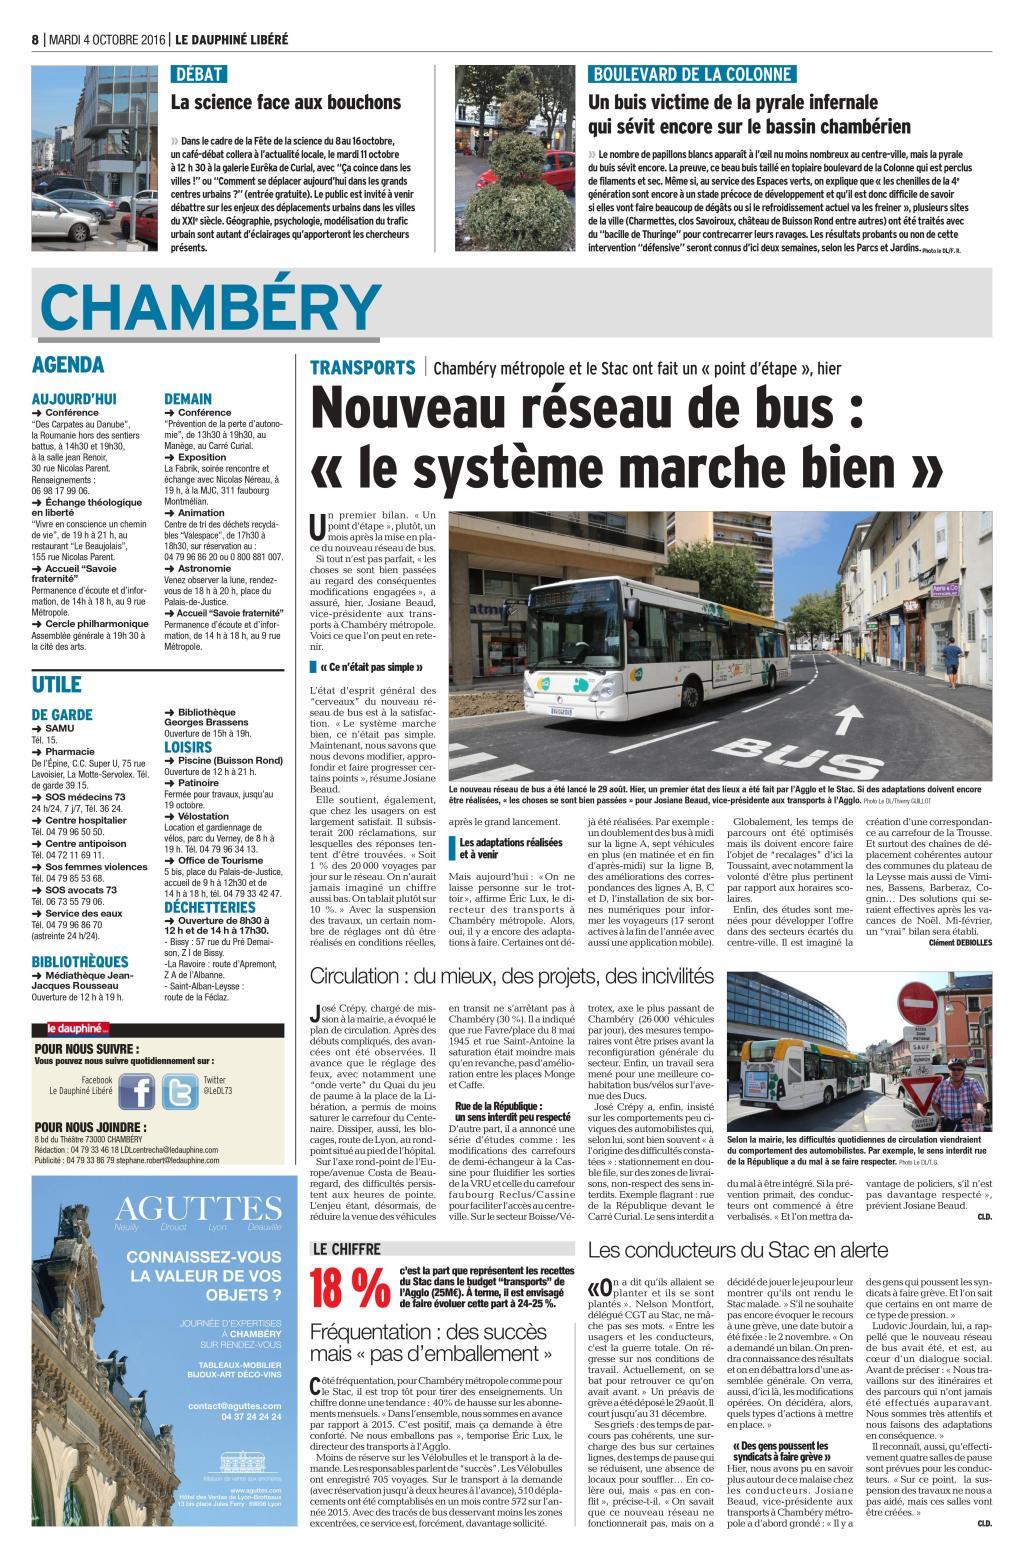 dl-04-10-2016-reseau-de-bus